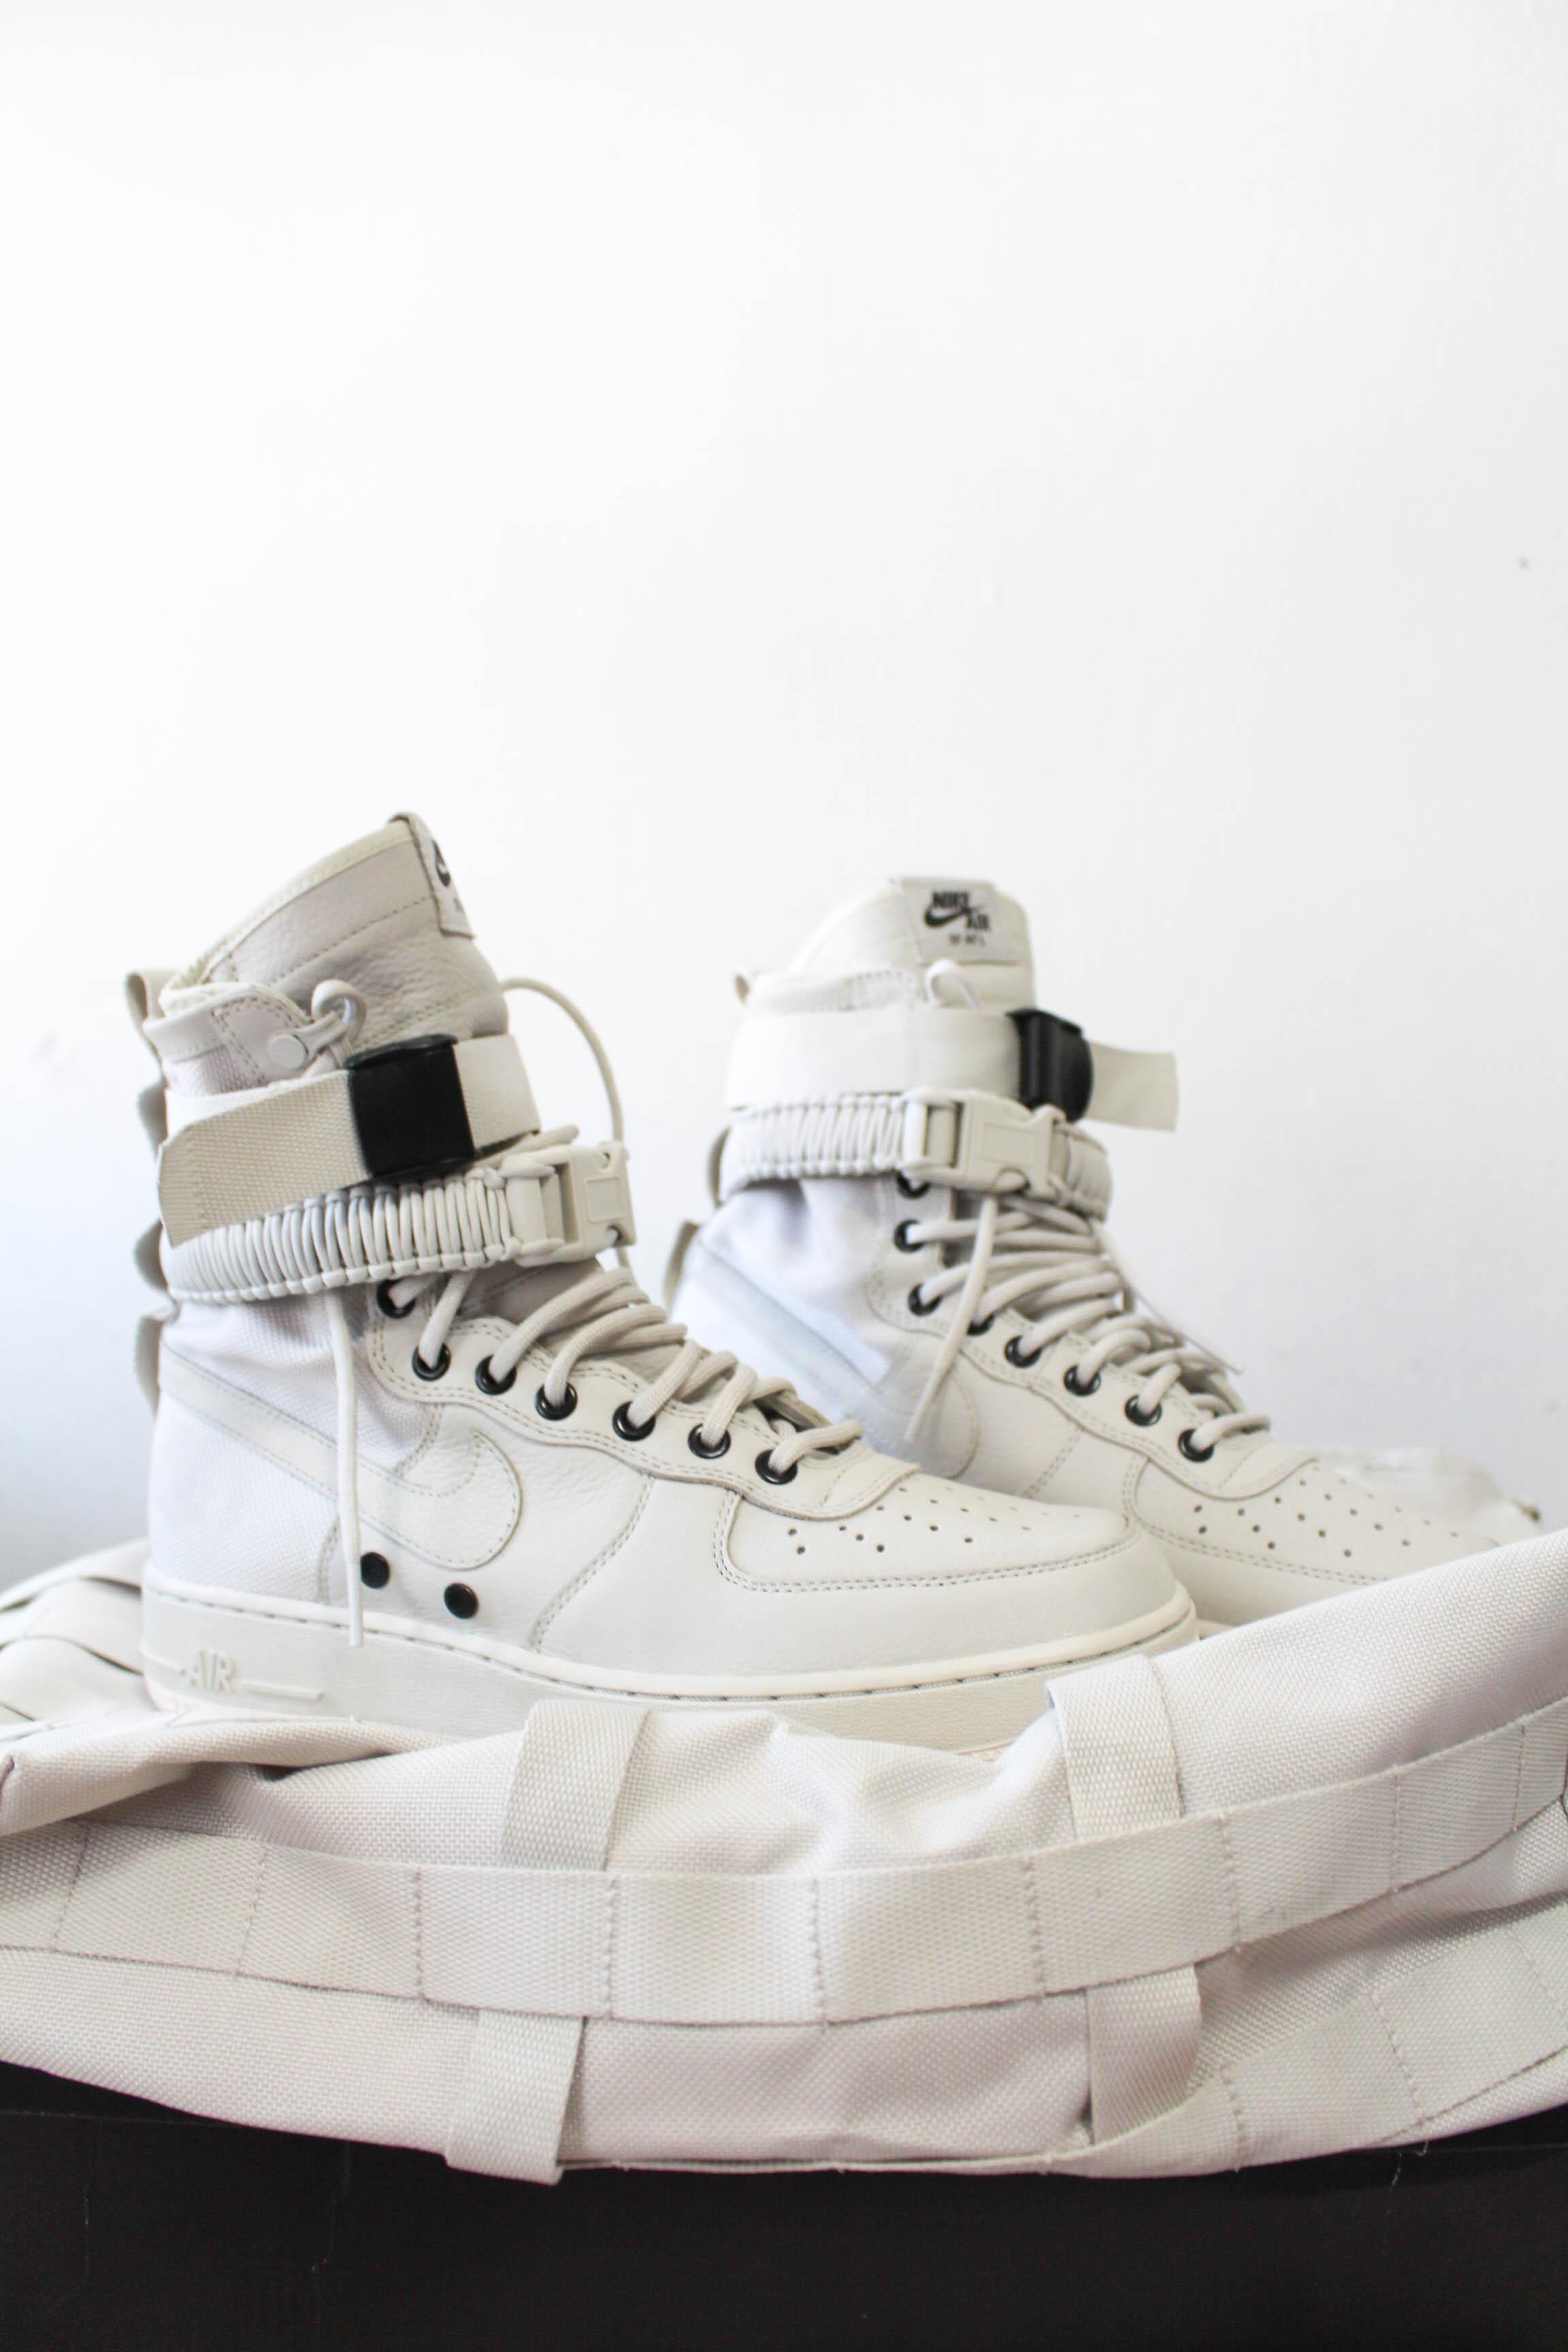 la compra auténtico grandes ofertas en moda atractivo y duradero Nike Sf Air Force 1 Light Bone Wmns With Bag | Grailed